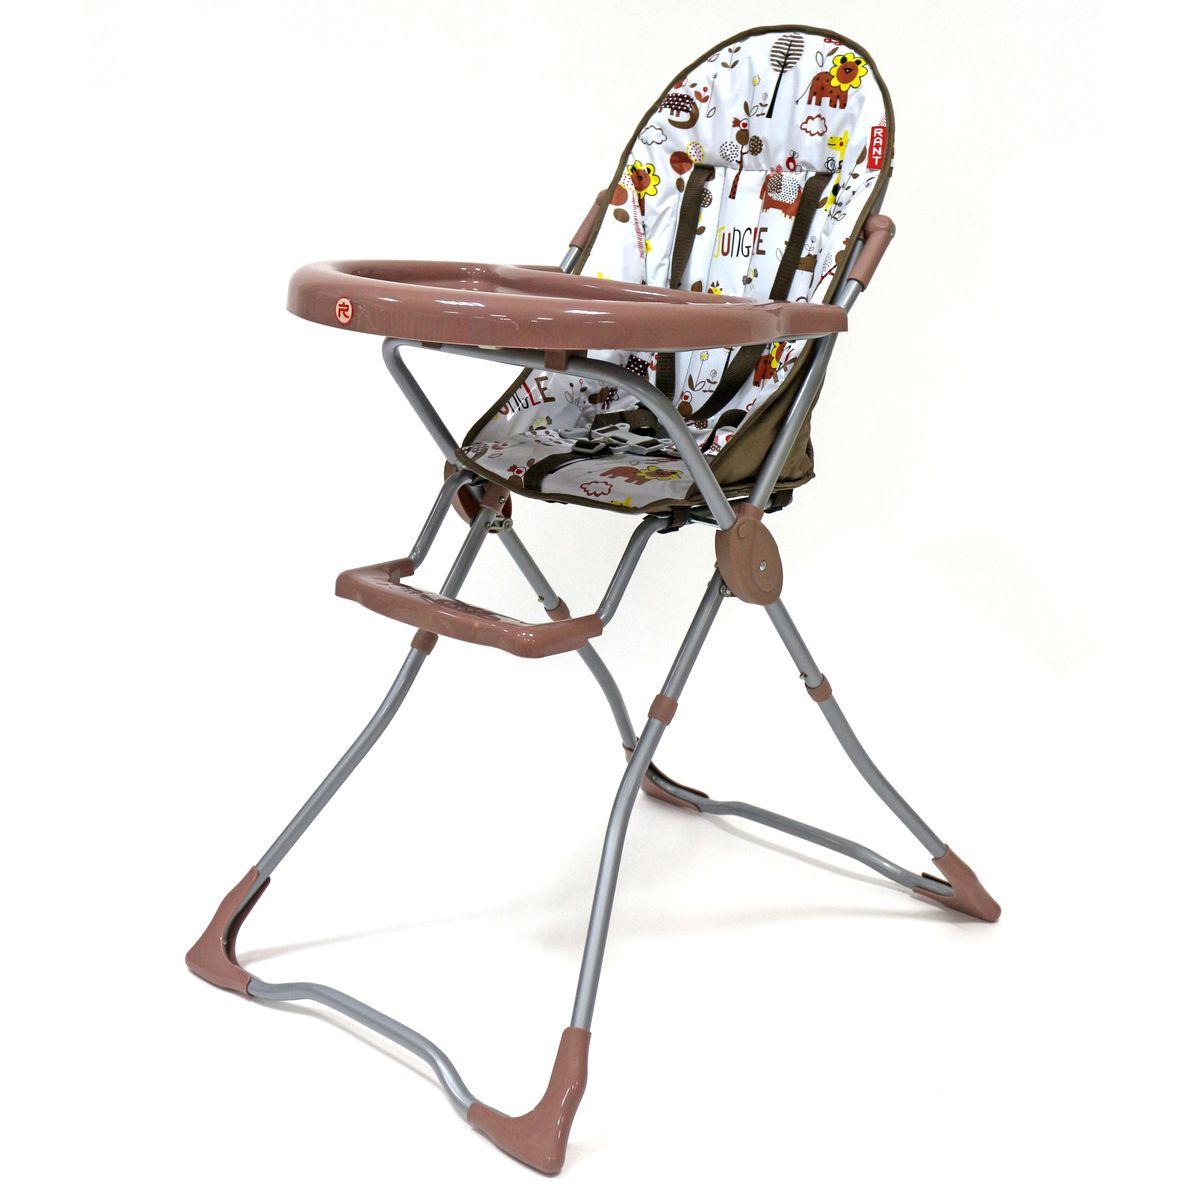 Rant Стульчик для кормления Fredo цвет бежевый4630008878064Легкий, удобный и функциональный стульчик для детей от 6 месяцев до 3-х лет; Удобно и безопасно откидывающаяся пластиковая столешница; съемный, моющийся чехол кресла из прочной клеенки; 5-ти точечные ремни безопасности; пластиковая подставка для ножек; не имеет острых углов; яркая расцветка ткани, благотворно влияющая на эмоциональное состояние ребёнка; легкая и устойчивая конструкция; легко складывать и удобно хранить (в сложенном виде занимает мало места).